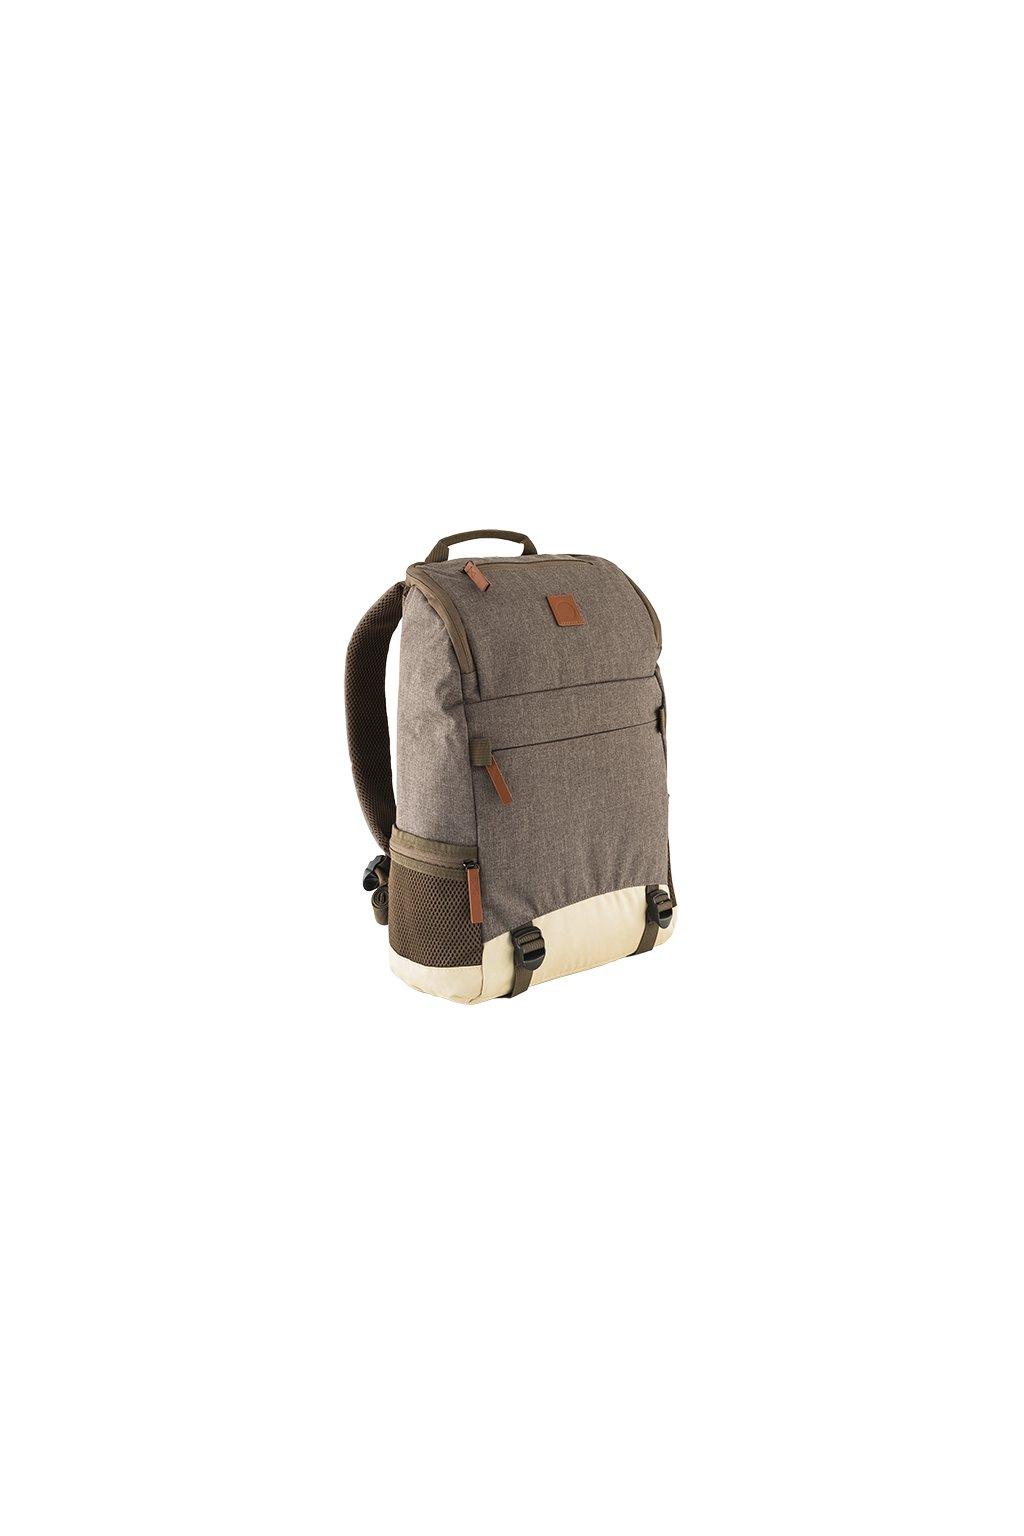 kufrland delsey backpack brown (2)